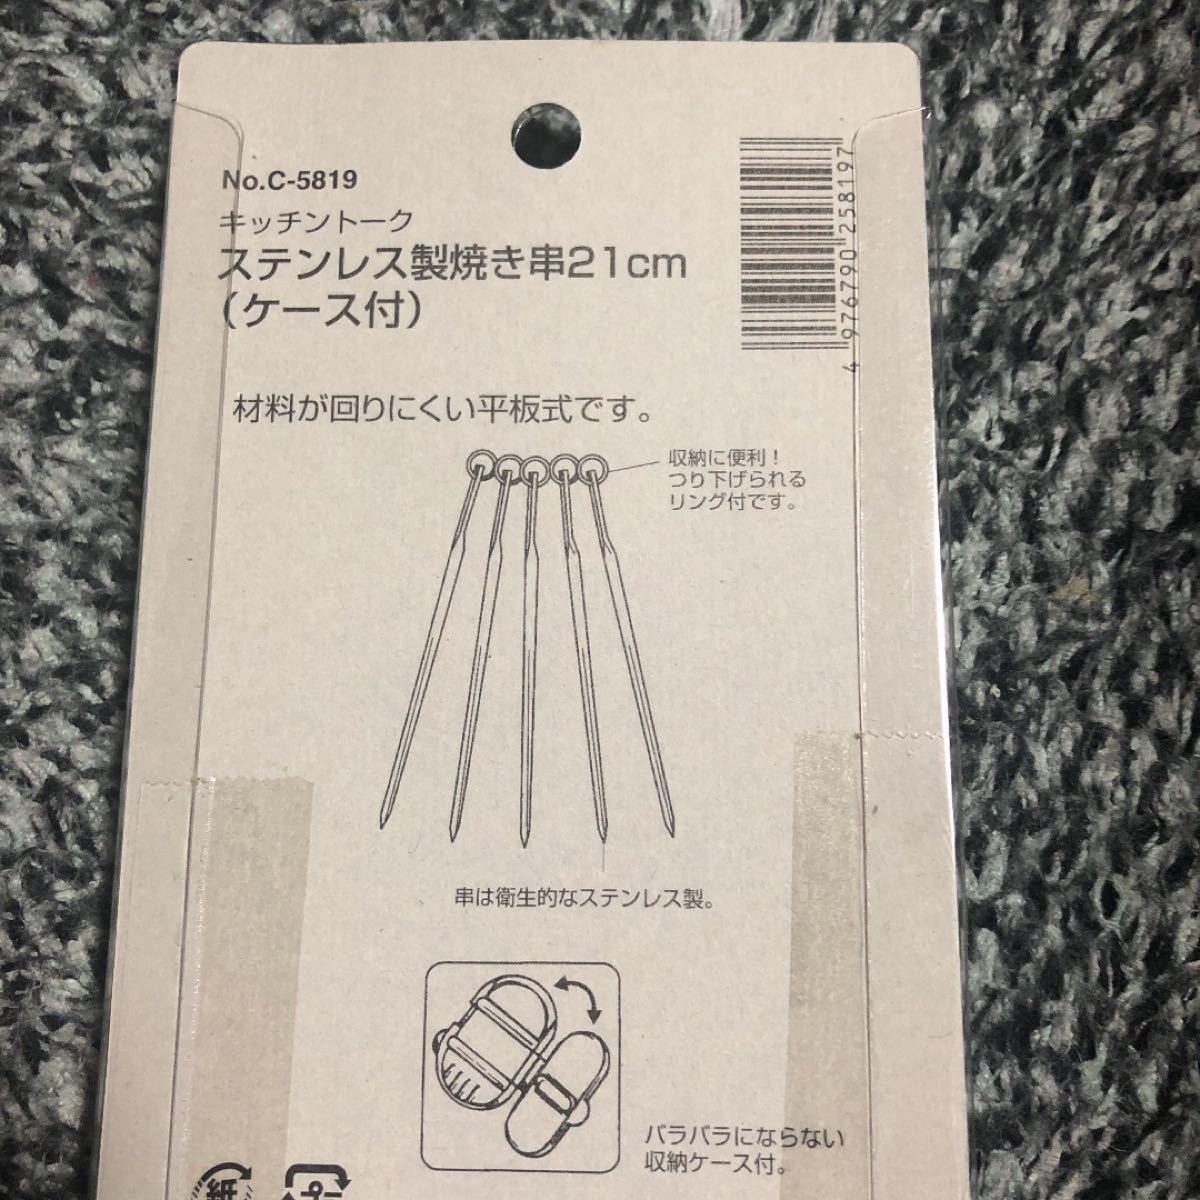 ステンレス製 焼き串 21センチ 5本セット ケース付 新品未使用 未開封